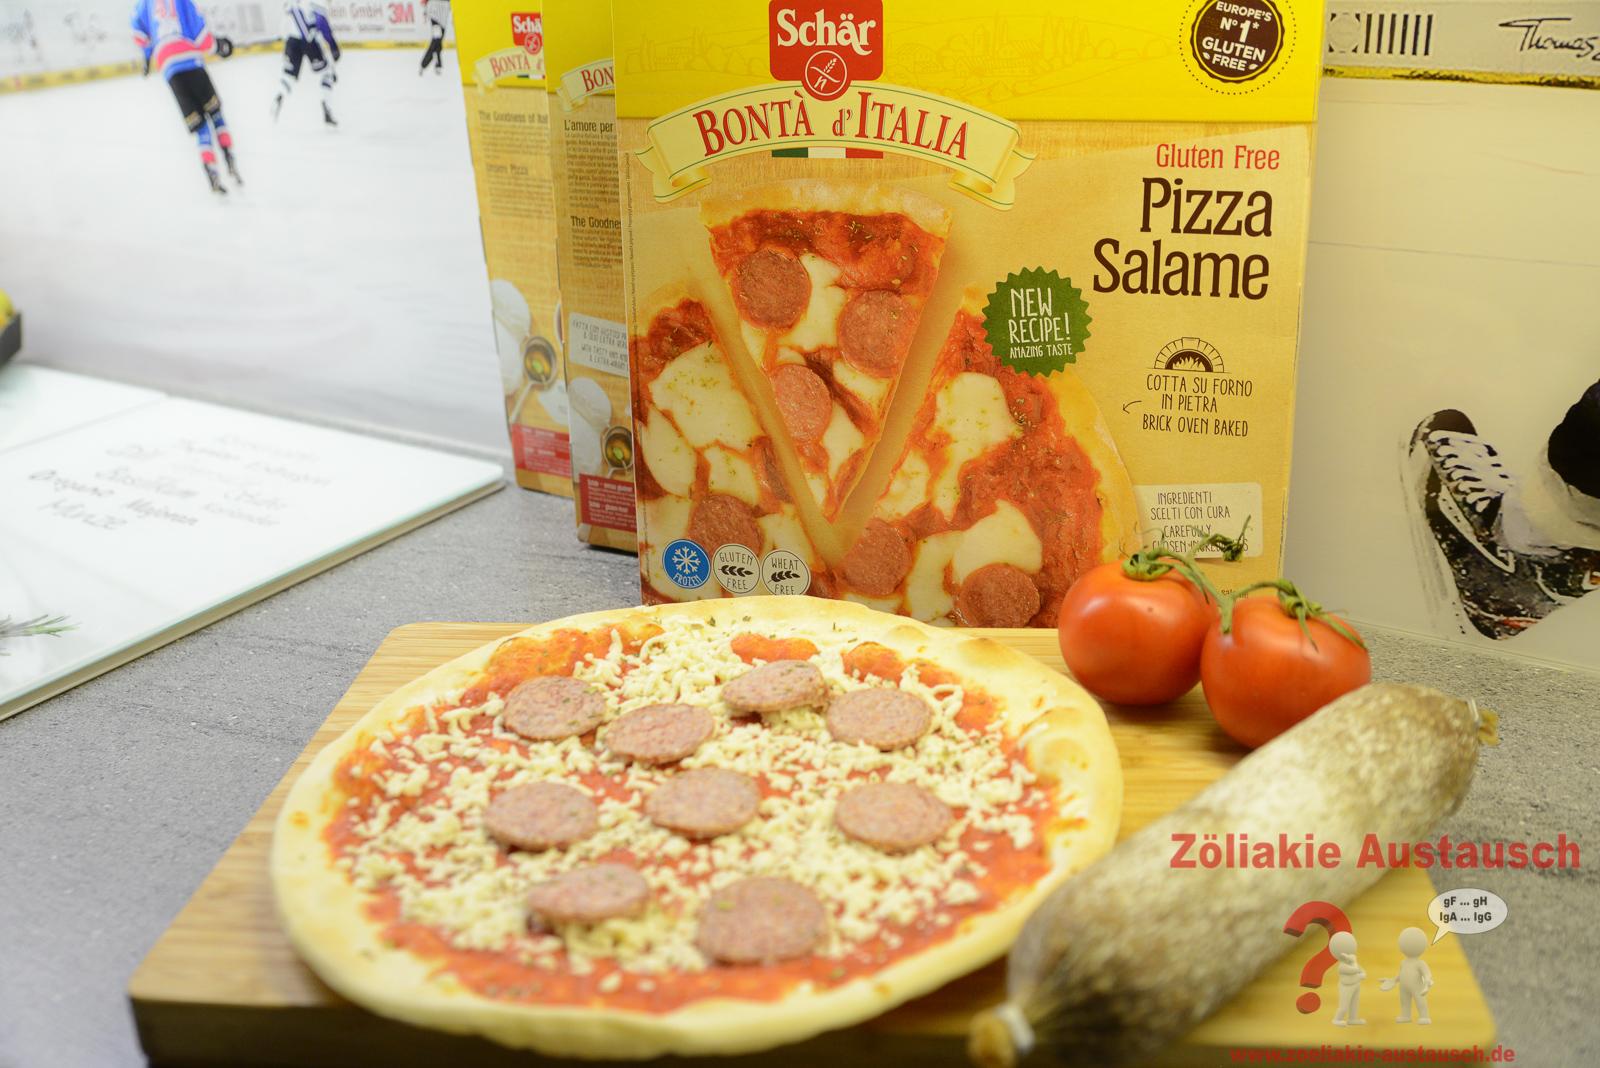 Schaer_Pizza-Zoeliakie_Austausch_015